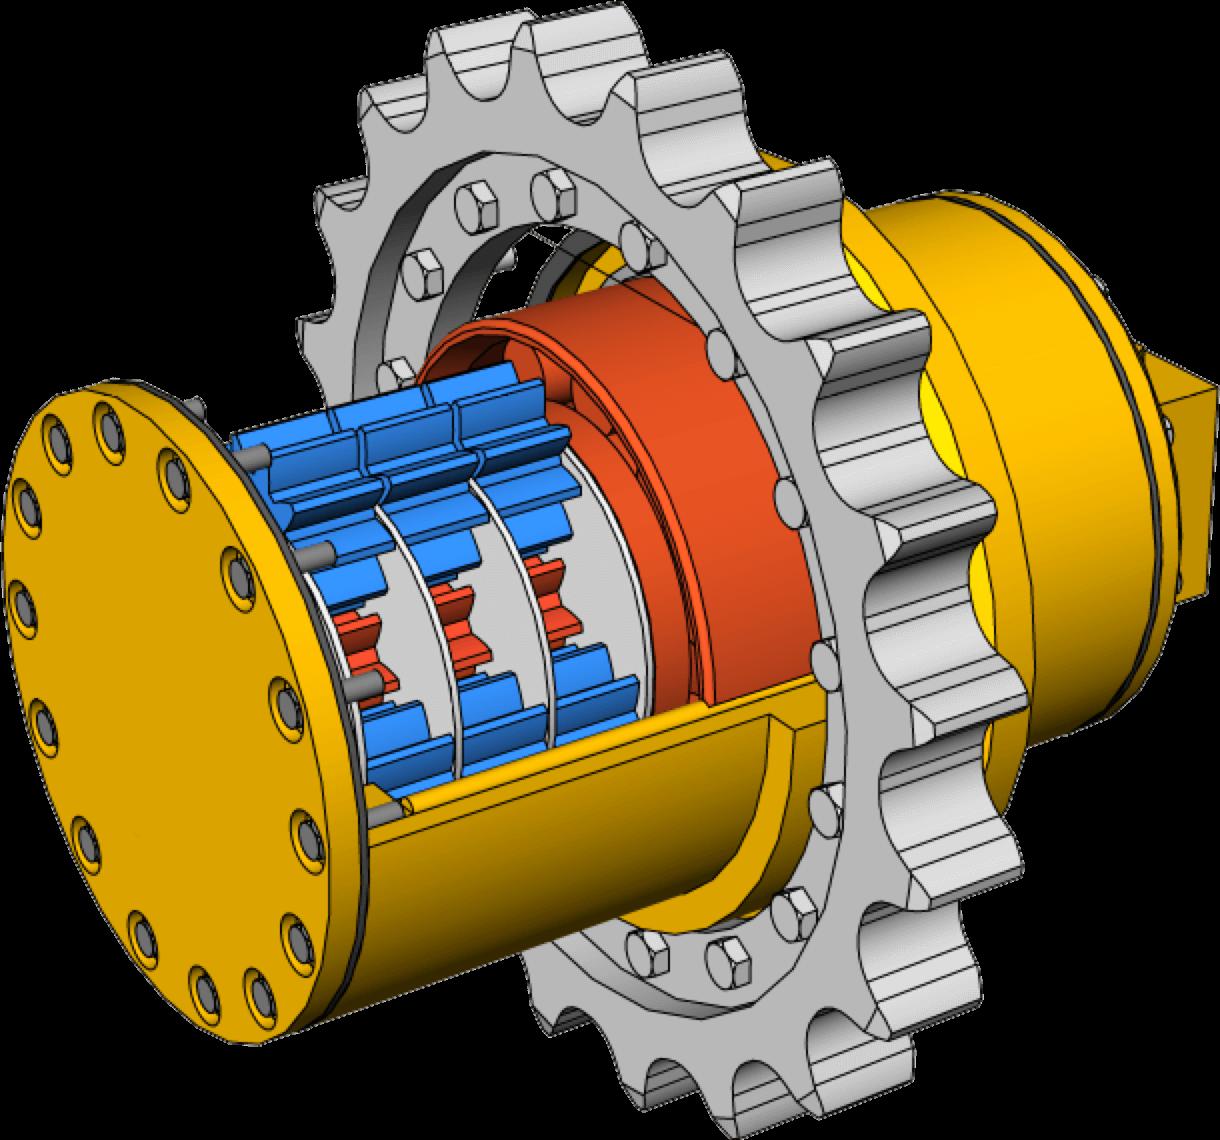 bricscad-mechanical-main-image